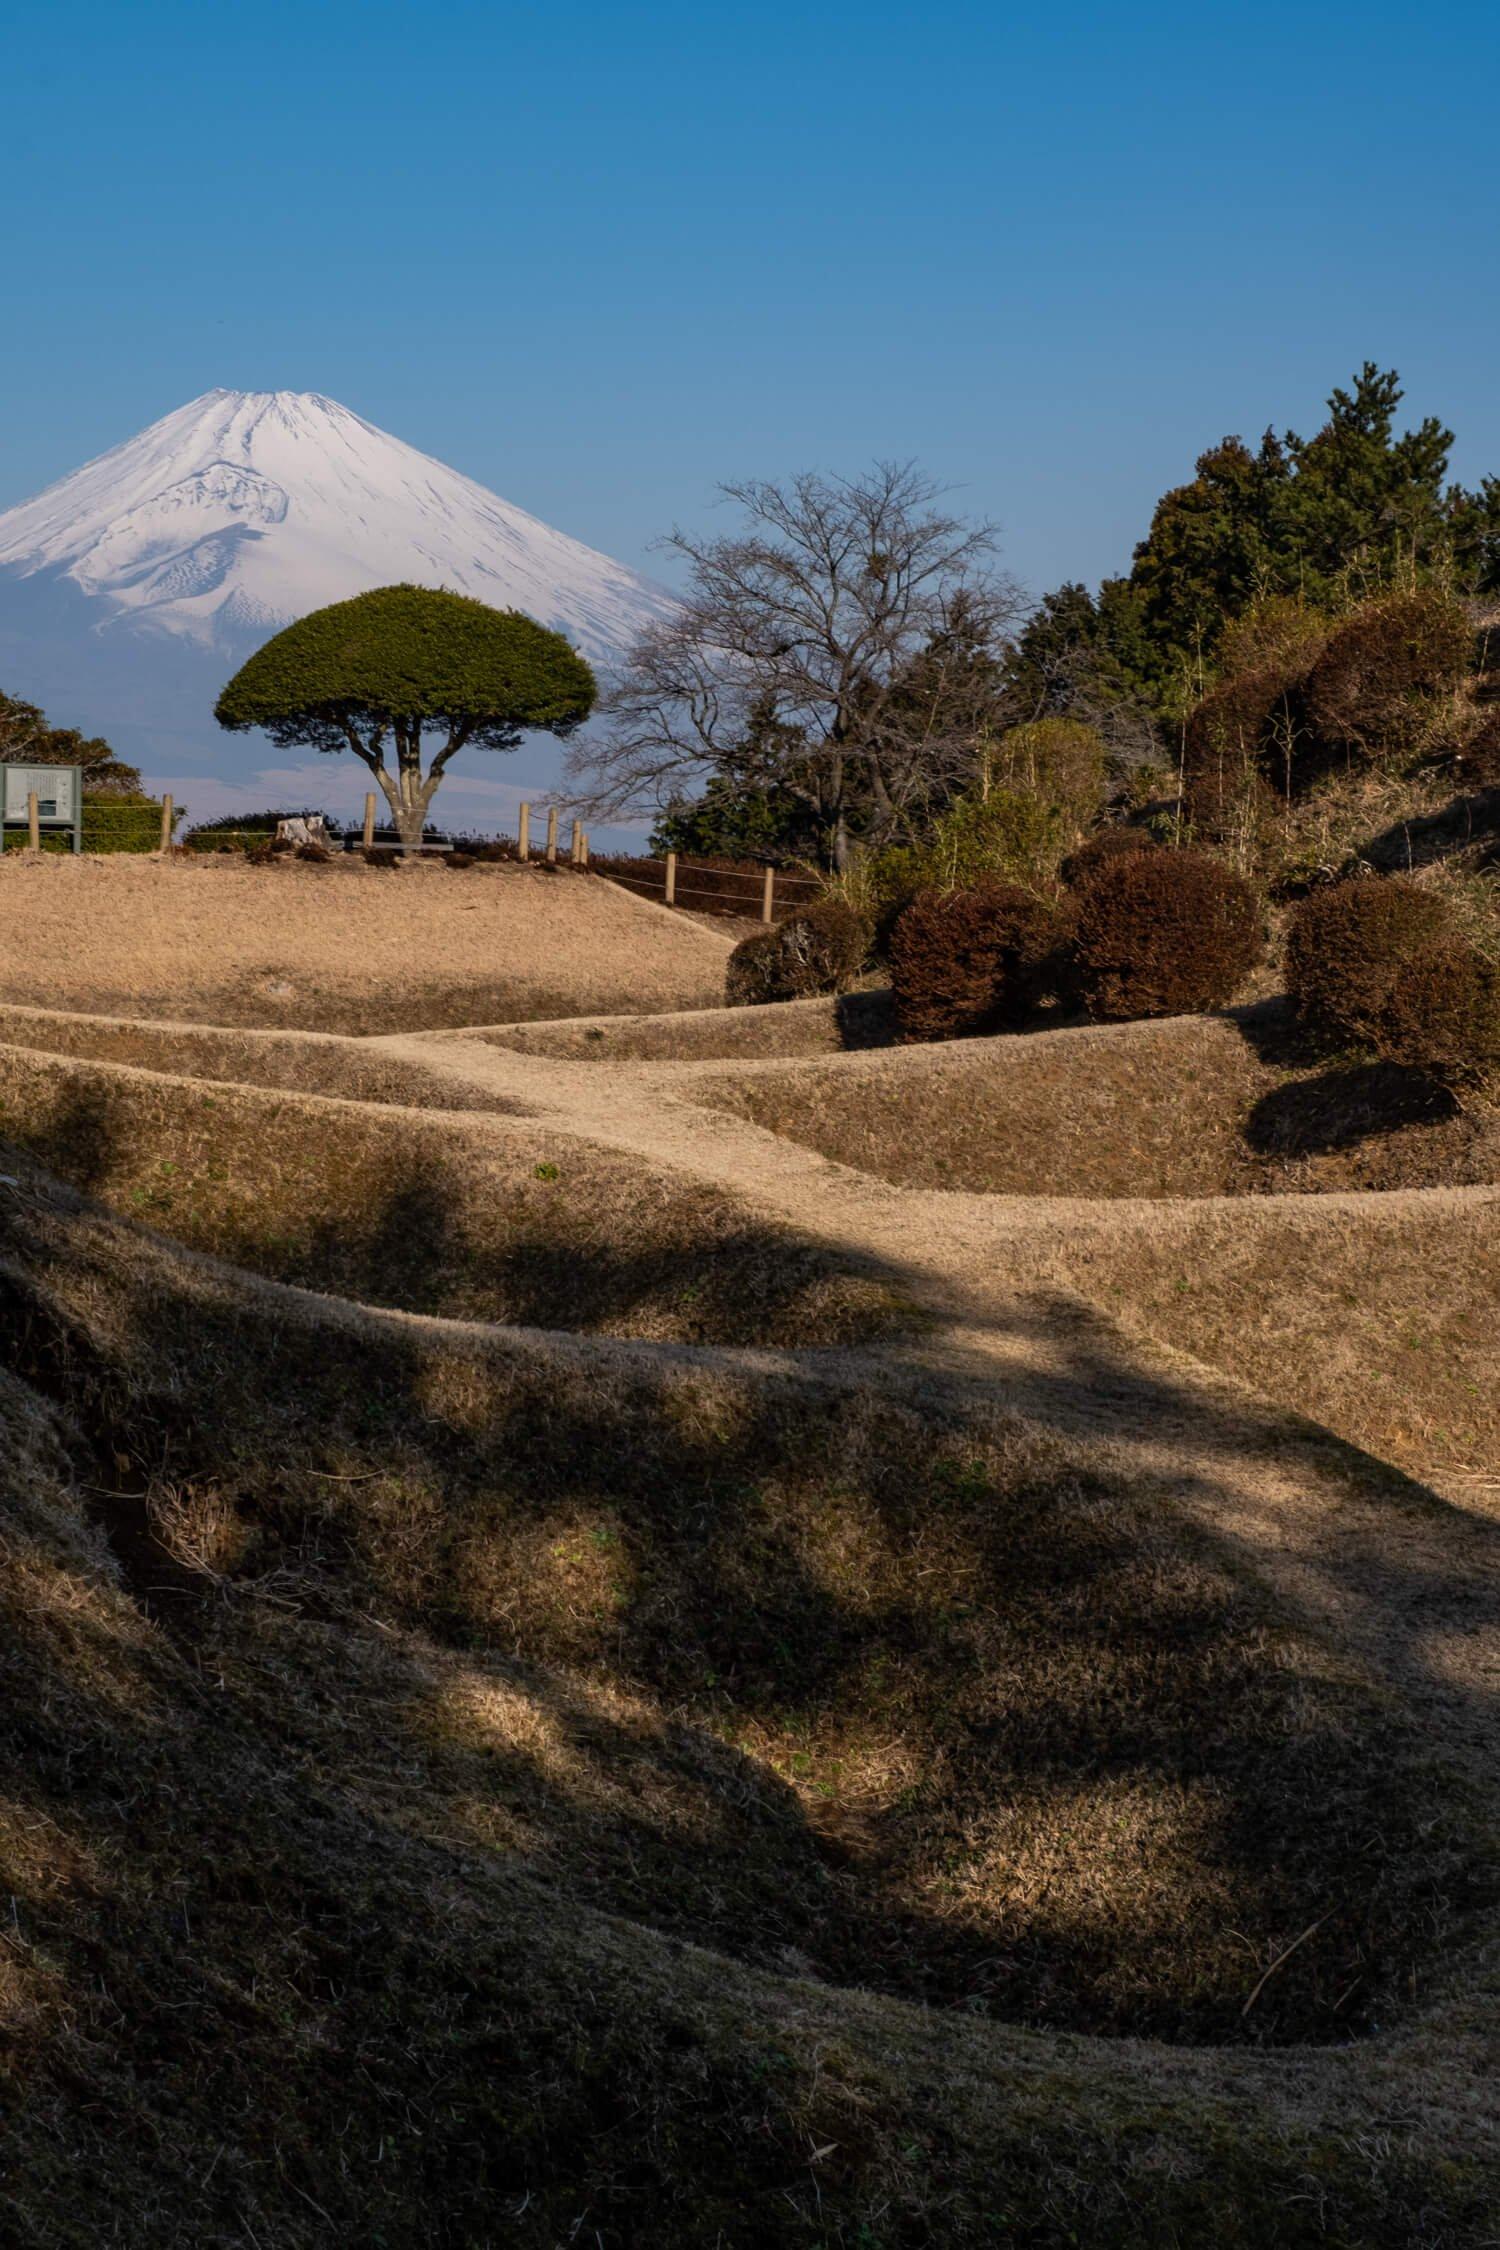 ユニークな形状の障子堀の先に富士山が悠然と姿を見せている。